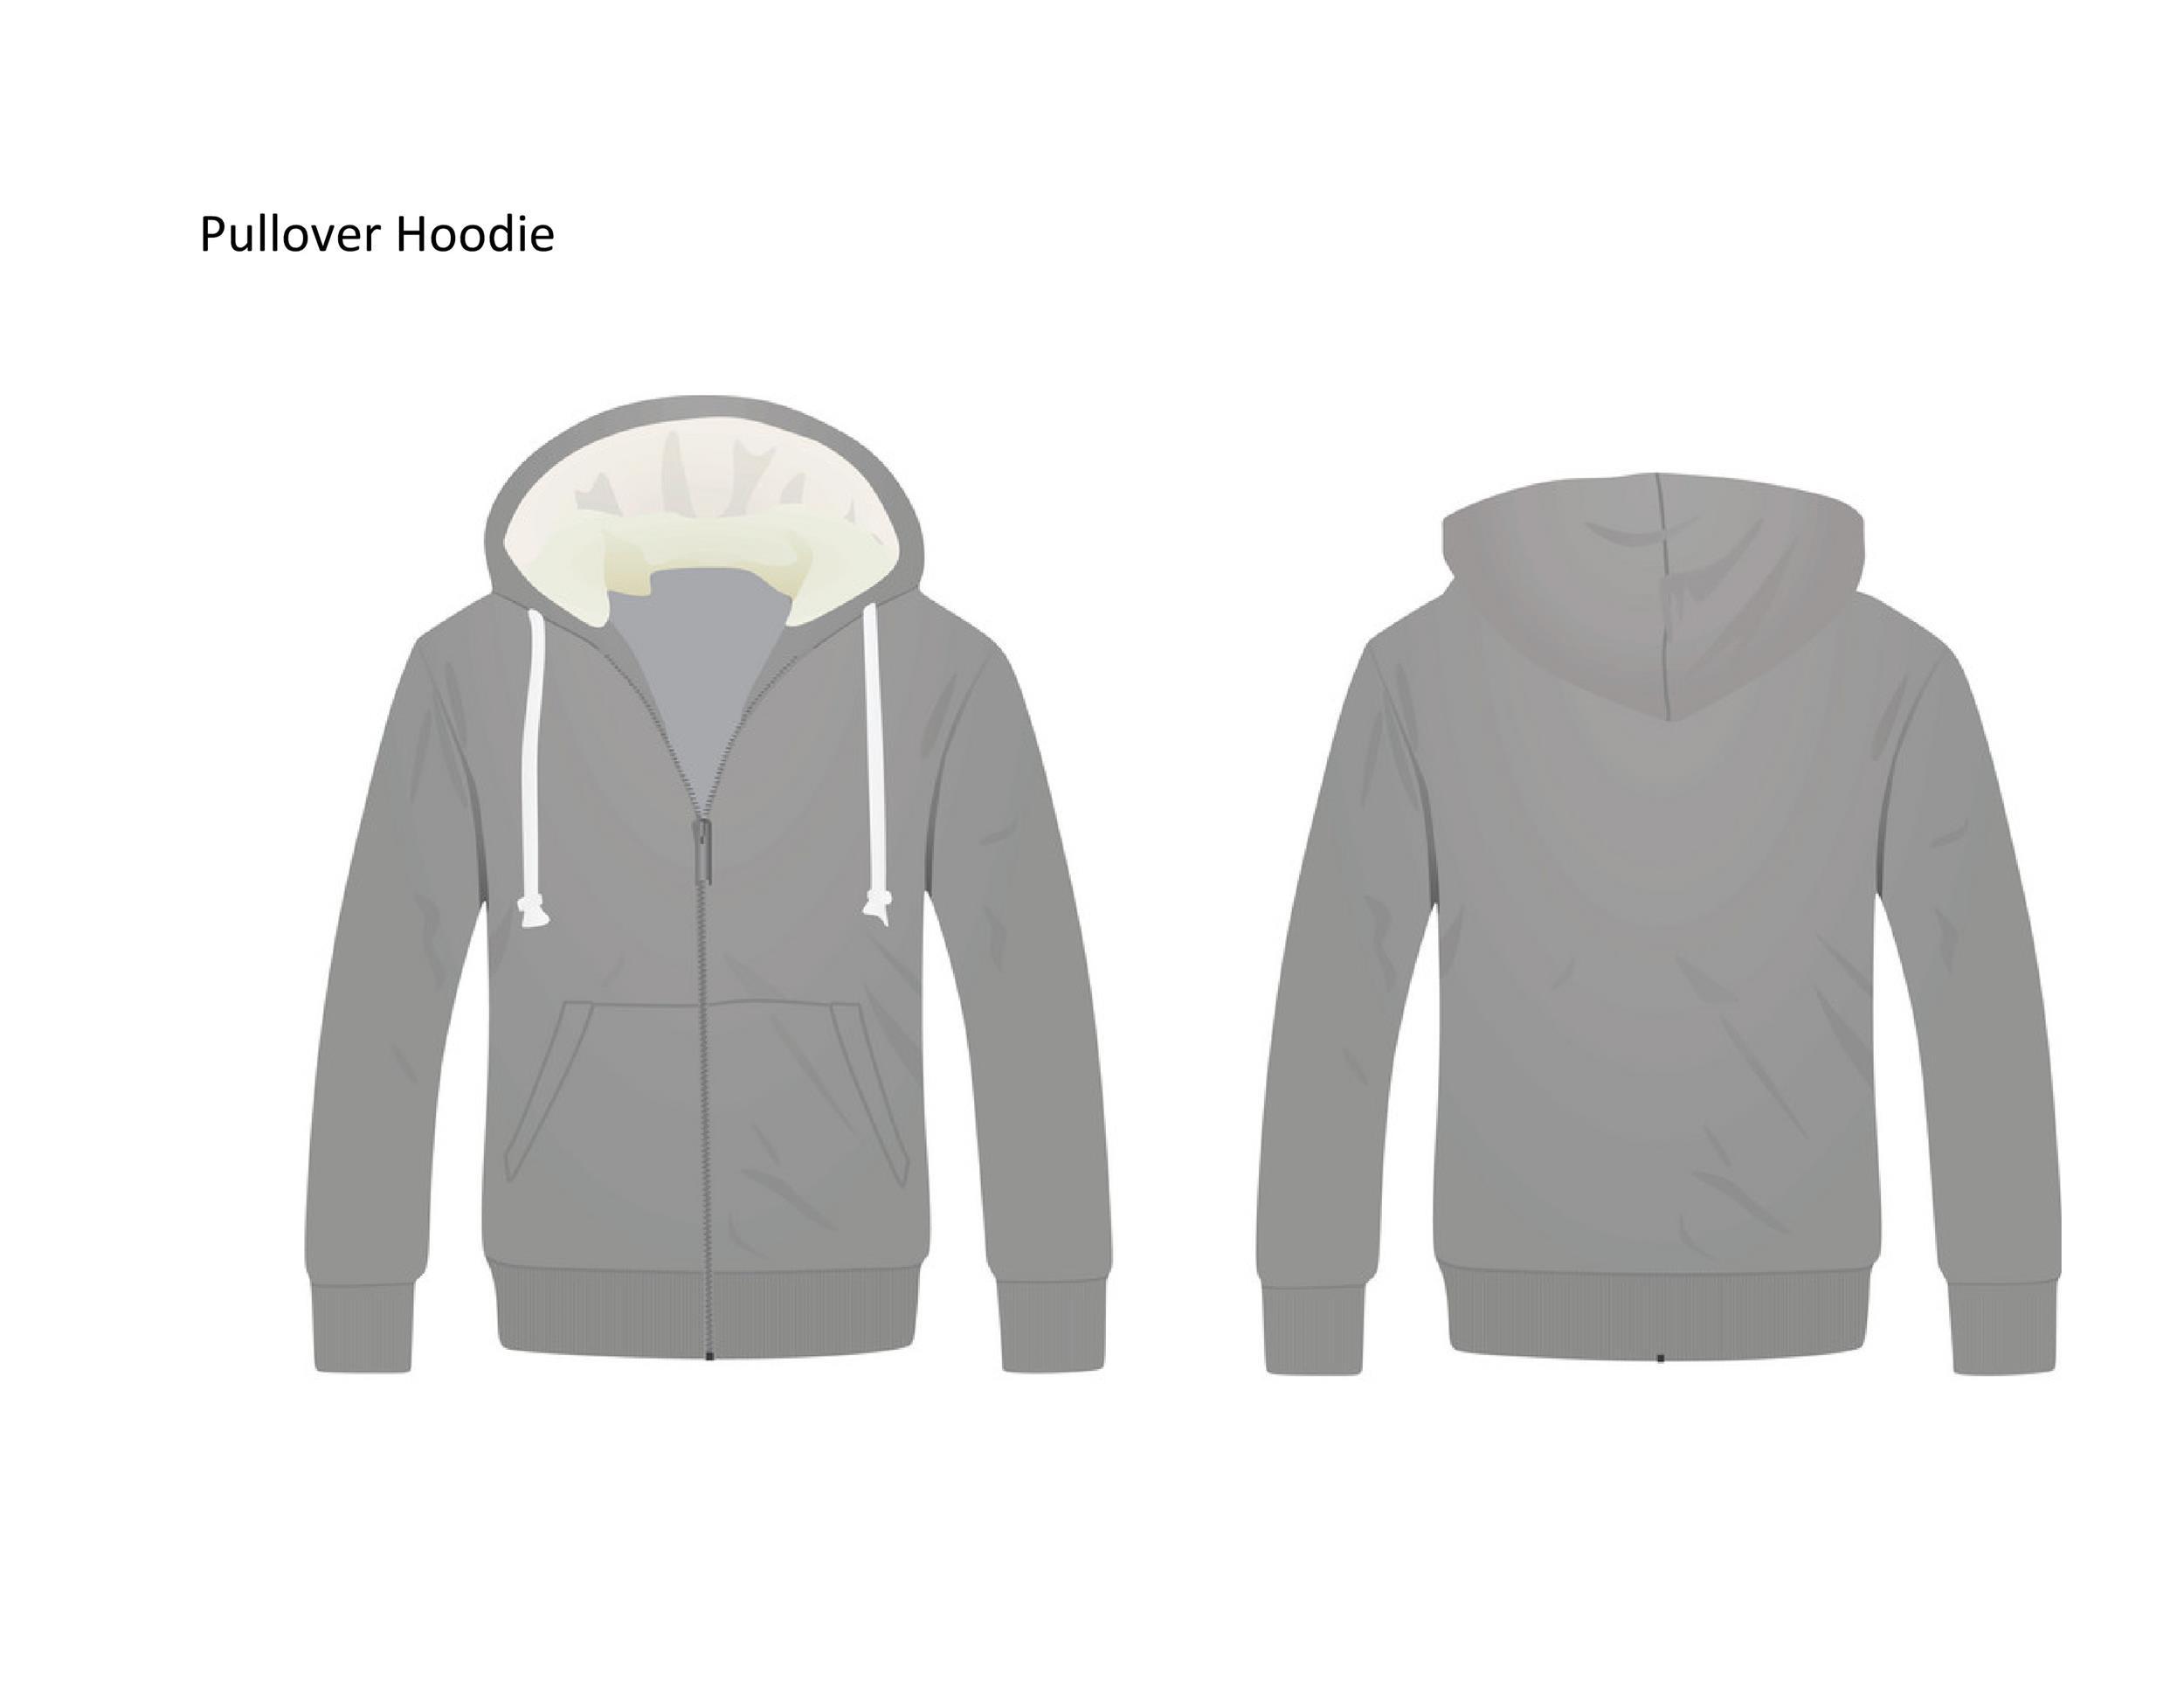 Free hoodie template 36